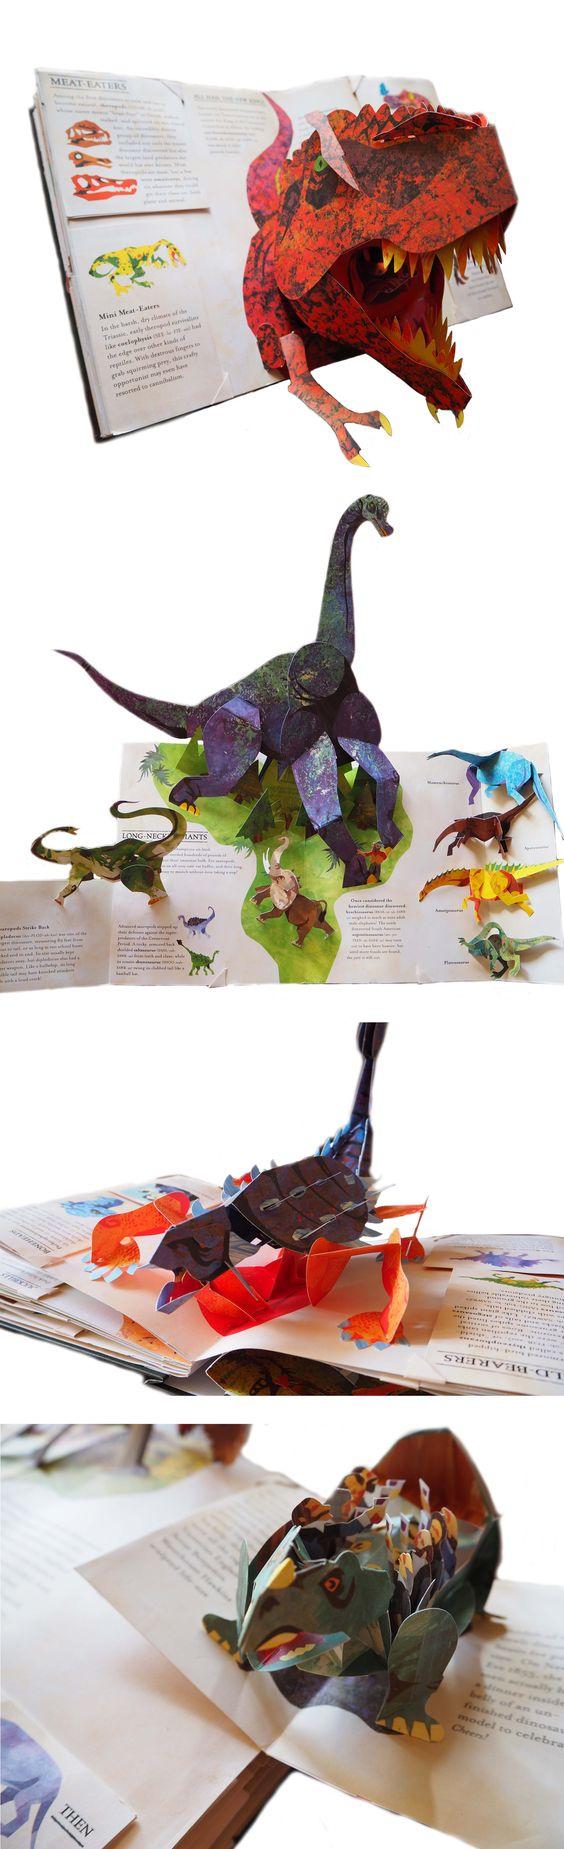 Энциклопедия Prehistorica Динозавры, Роберт Сабуда и Мэтью Рейнхарт Удивительные всплывающий книга: